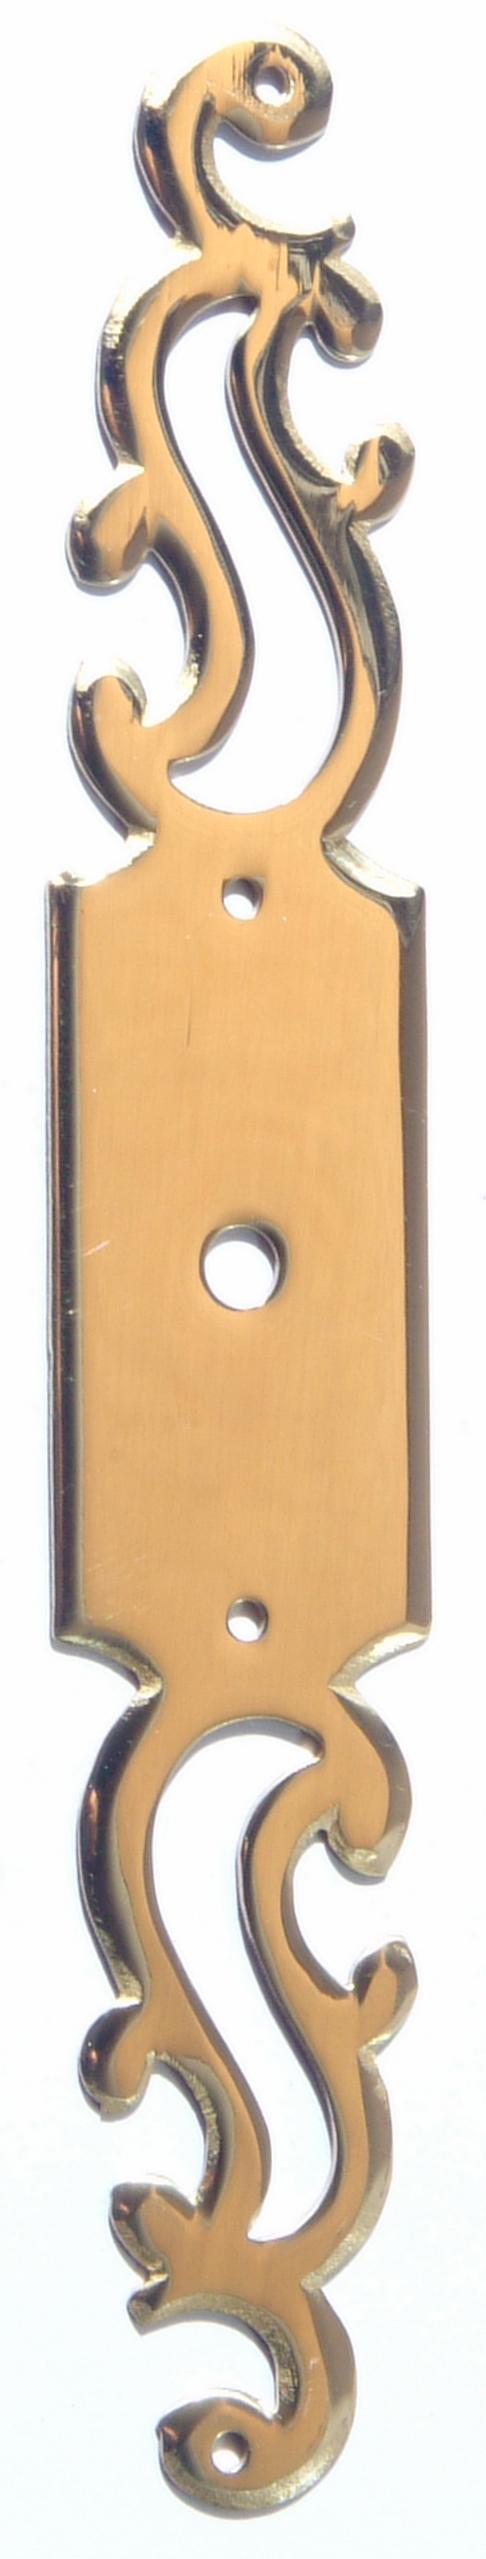 Entr e de cl rustique platine trou rond for Entree de cle pour meuble